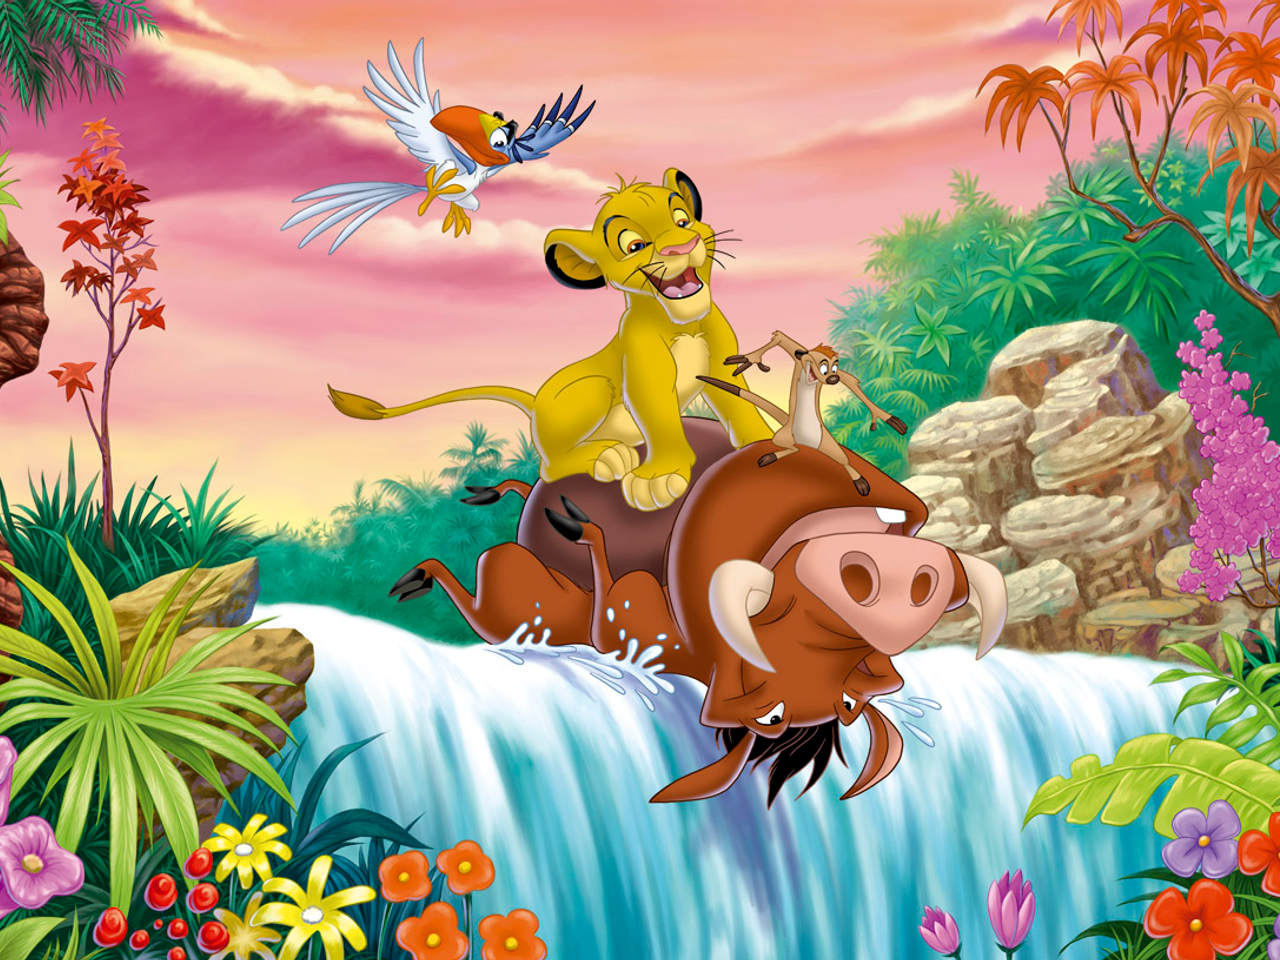 The lion king wallpaper disney desktop wallpaper free - Lion king wallpaper ...